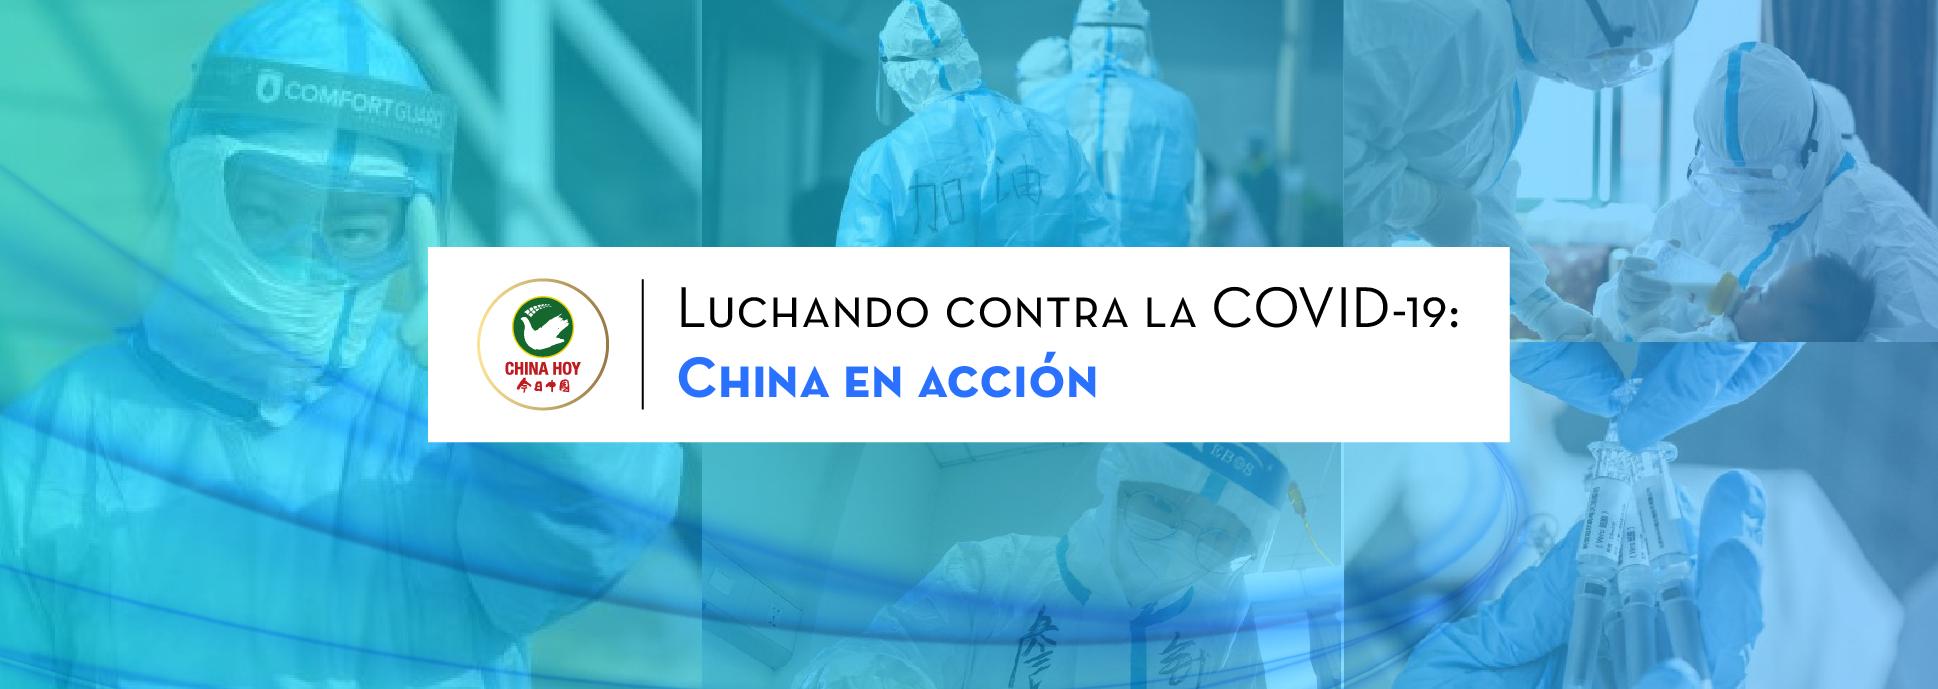 China publica libro blanco sobre lucha contra la COVID-19